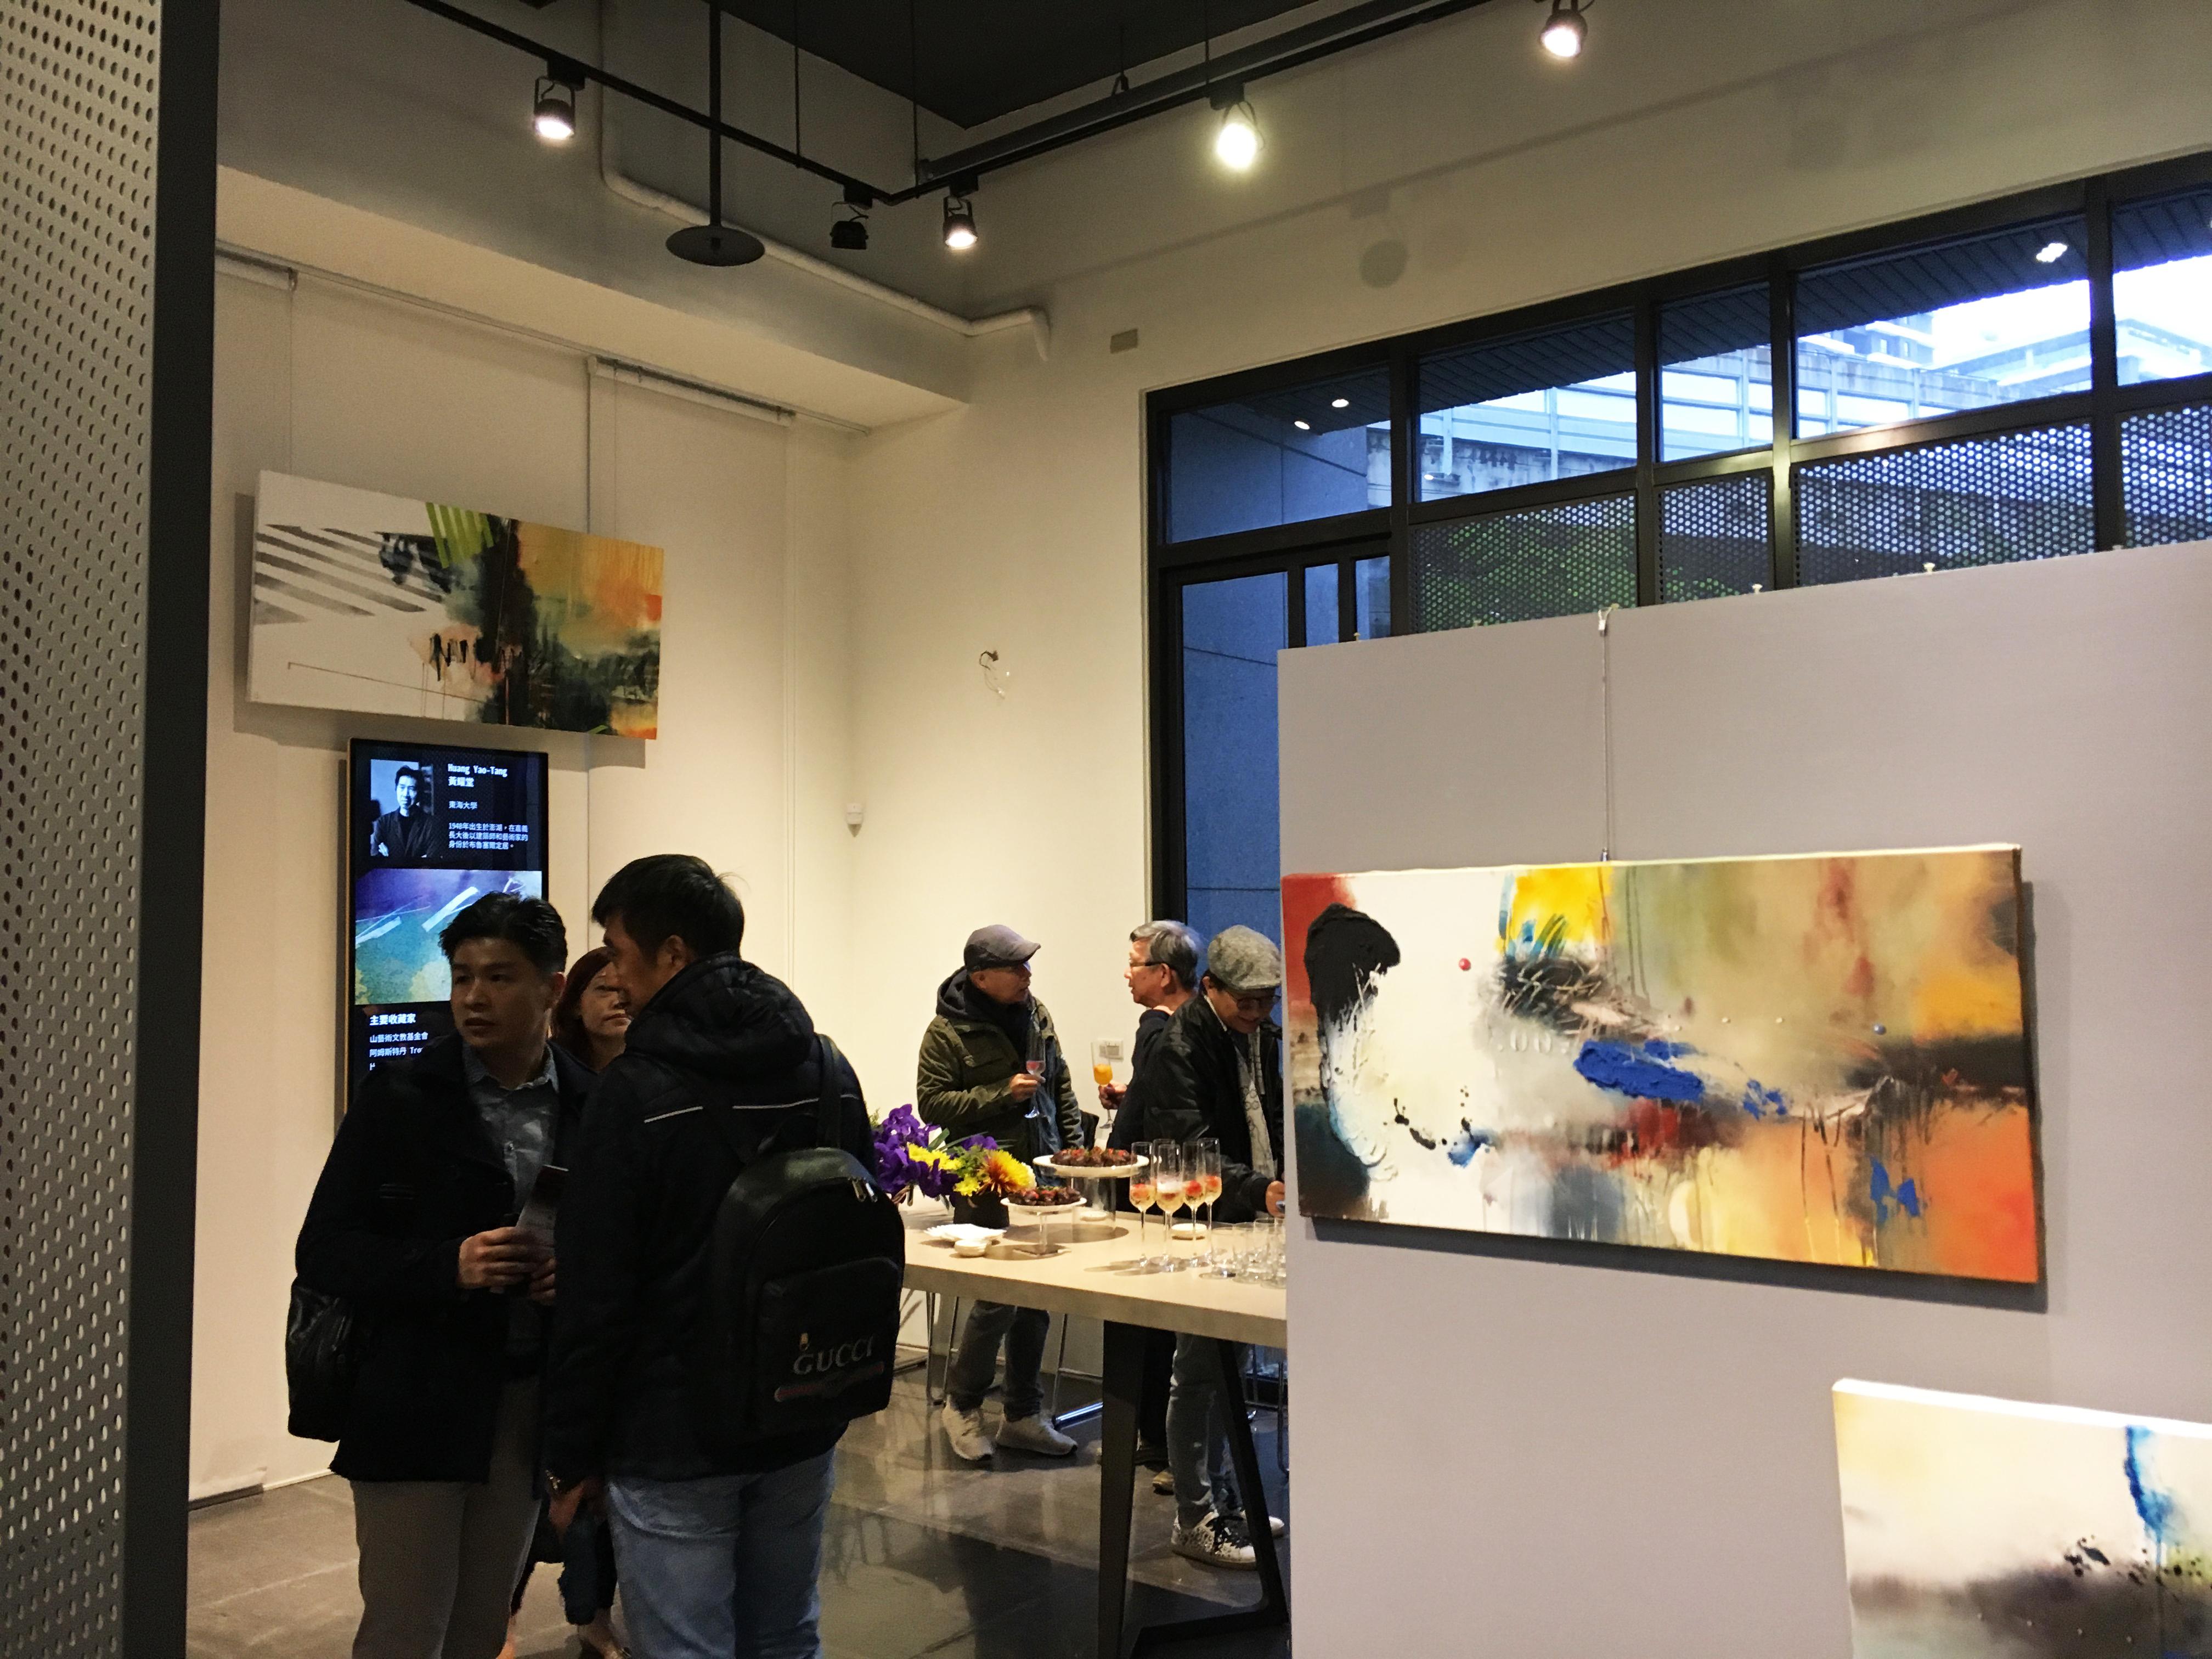 藝術家維克多・拉米雷斯與黃耀堂雙人展開幕茶會現場。